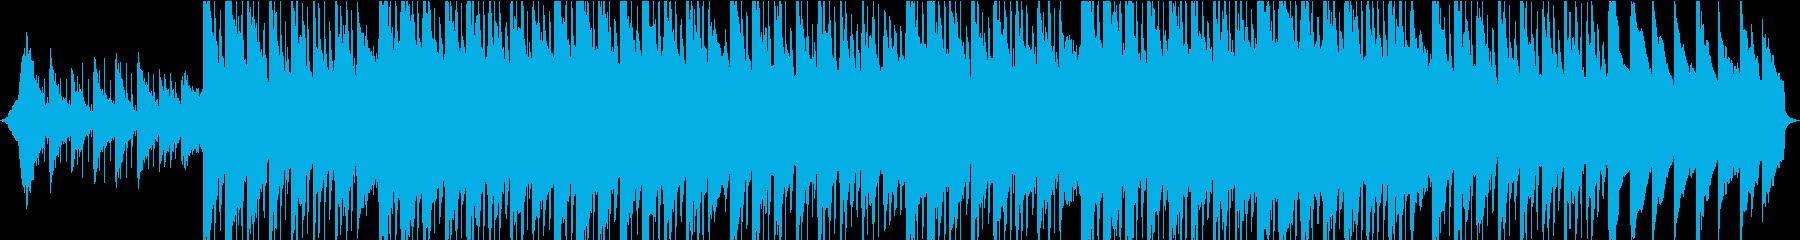 悲しい・やさしい・ブルーな気持ち・哀愁感の再生済みの波形